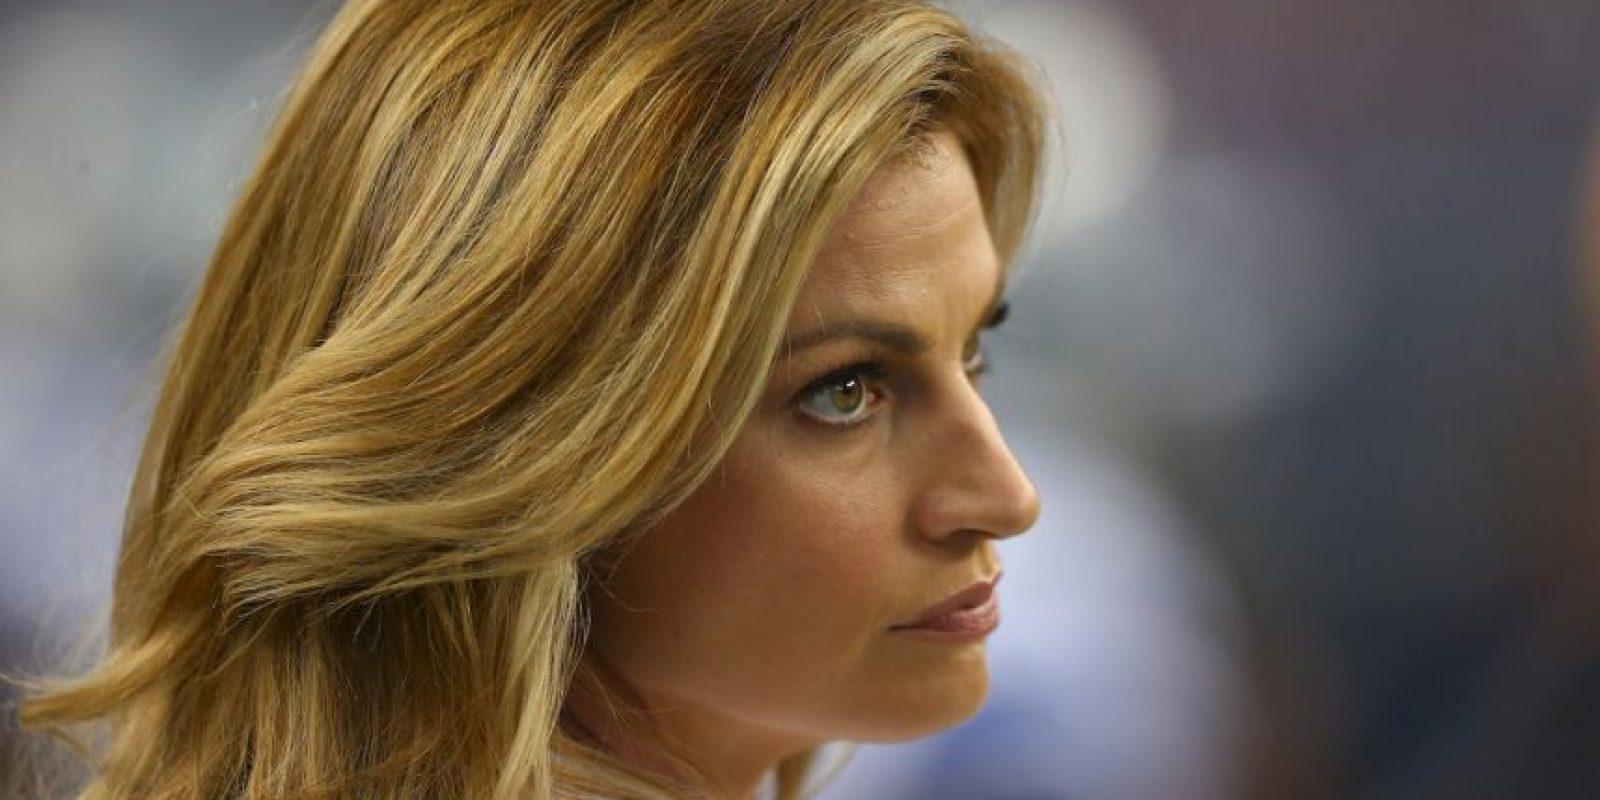 En 2008 fue filmada desnuda por Michael David Barrett en el hotel Marriott de Nashville, Tennesse. Foto:Getty Images